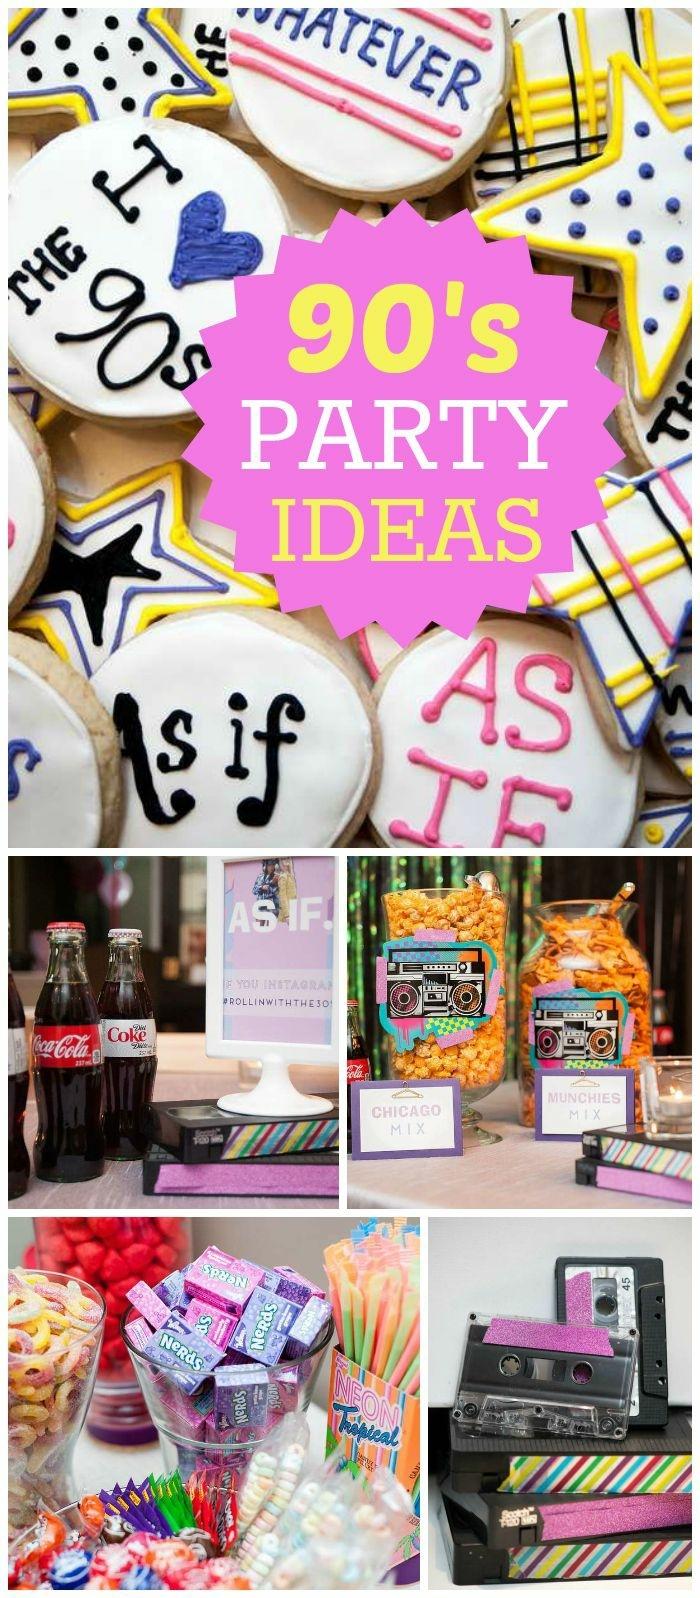 18 geburtstag deko idee zu einer motivparty im stil neunziger jahren kekse mit aufschrift, cola, snacks, dekorationen